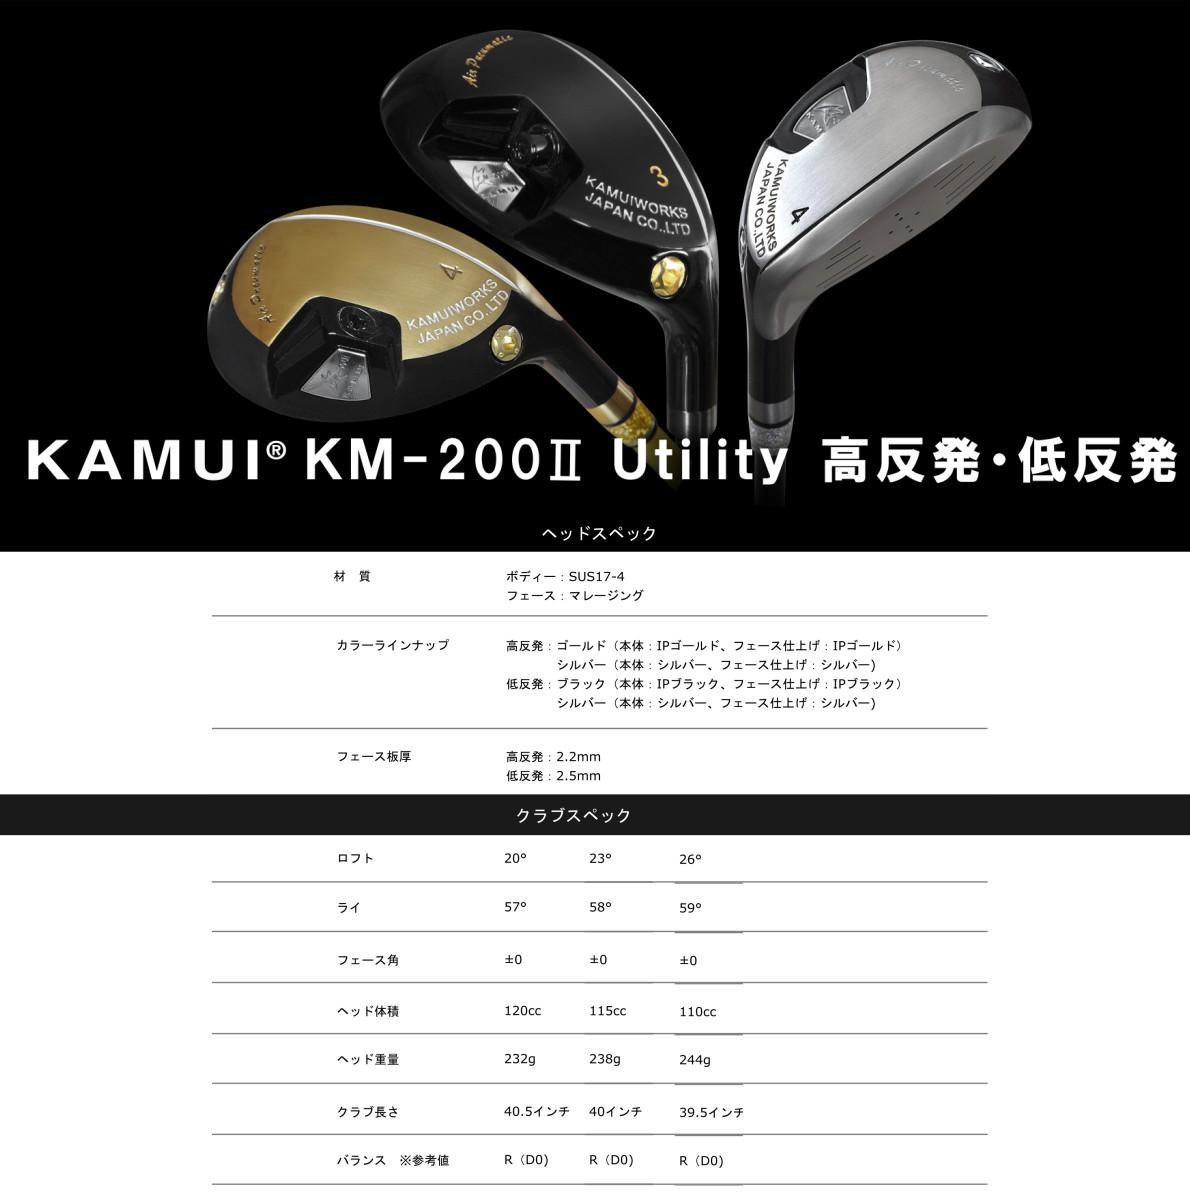 Kamui Works KM-200 Ⅱ Utility